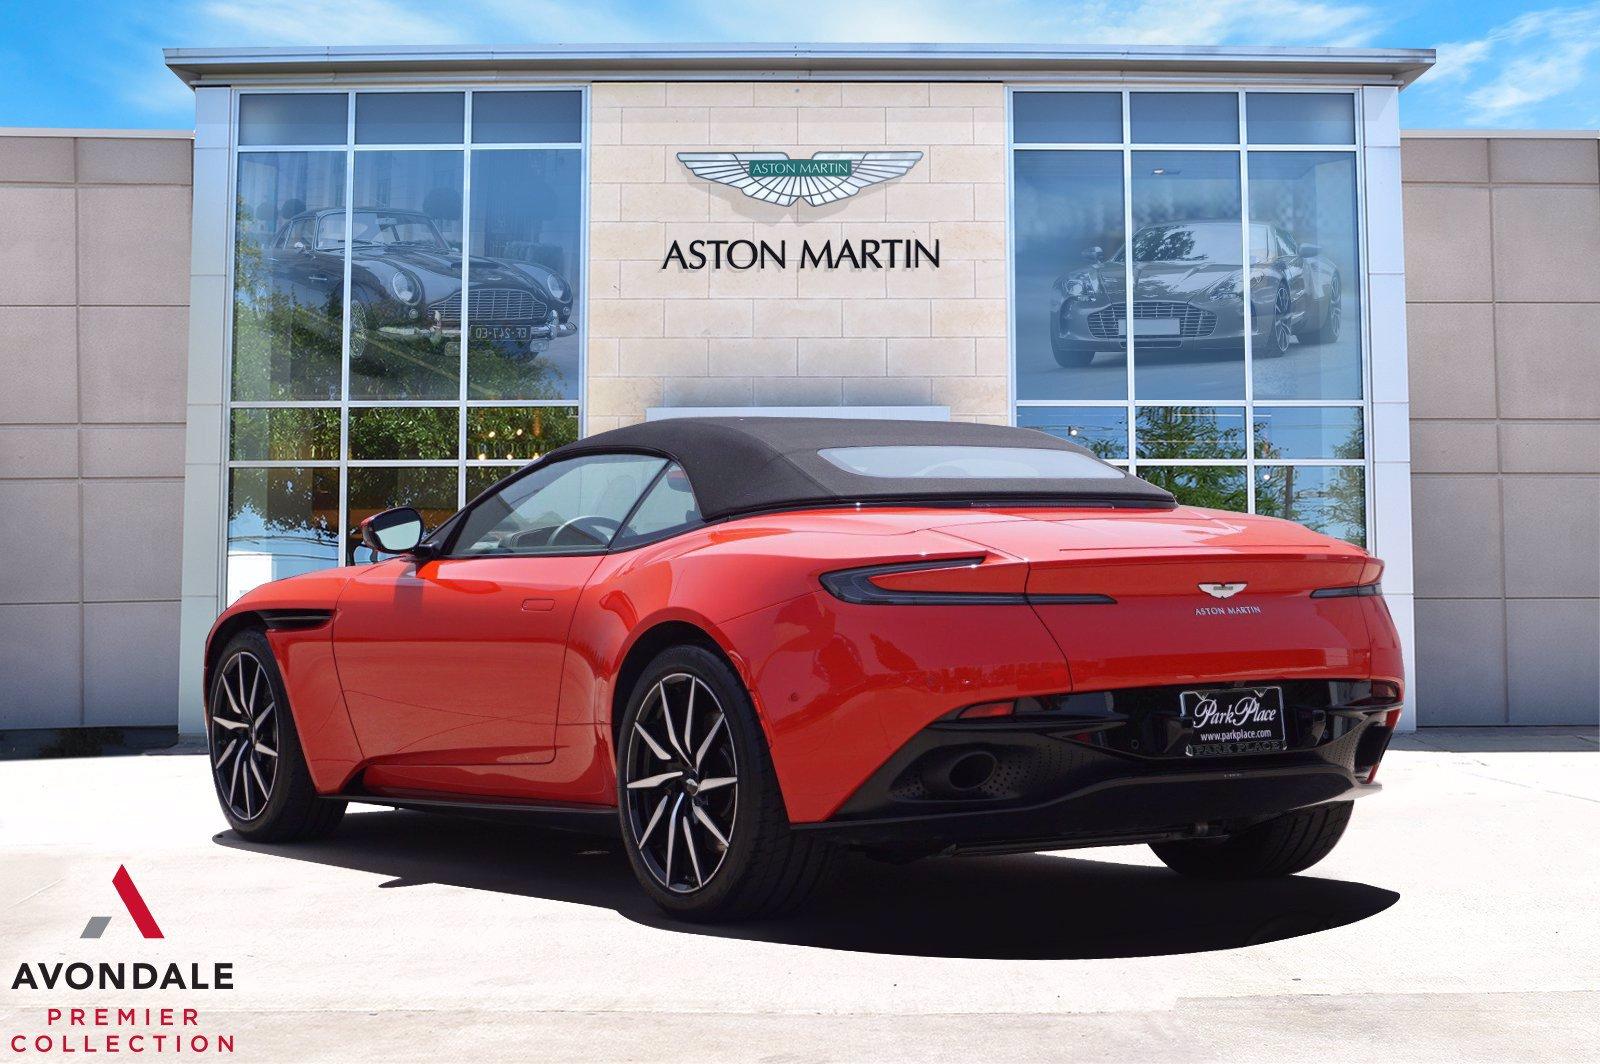 2020 Used Aston Martin Db11 For Sale In Dallas Lgm09202